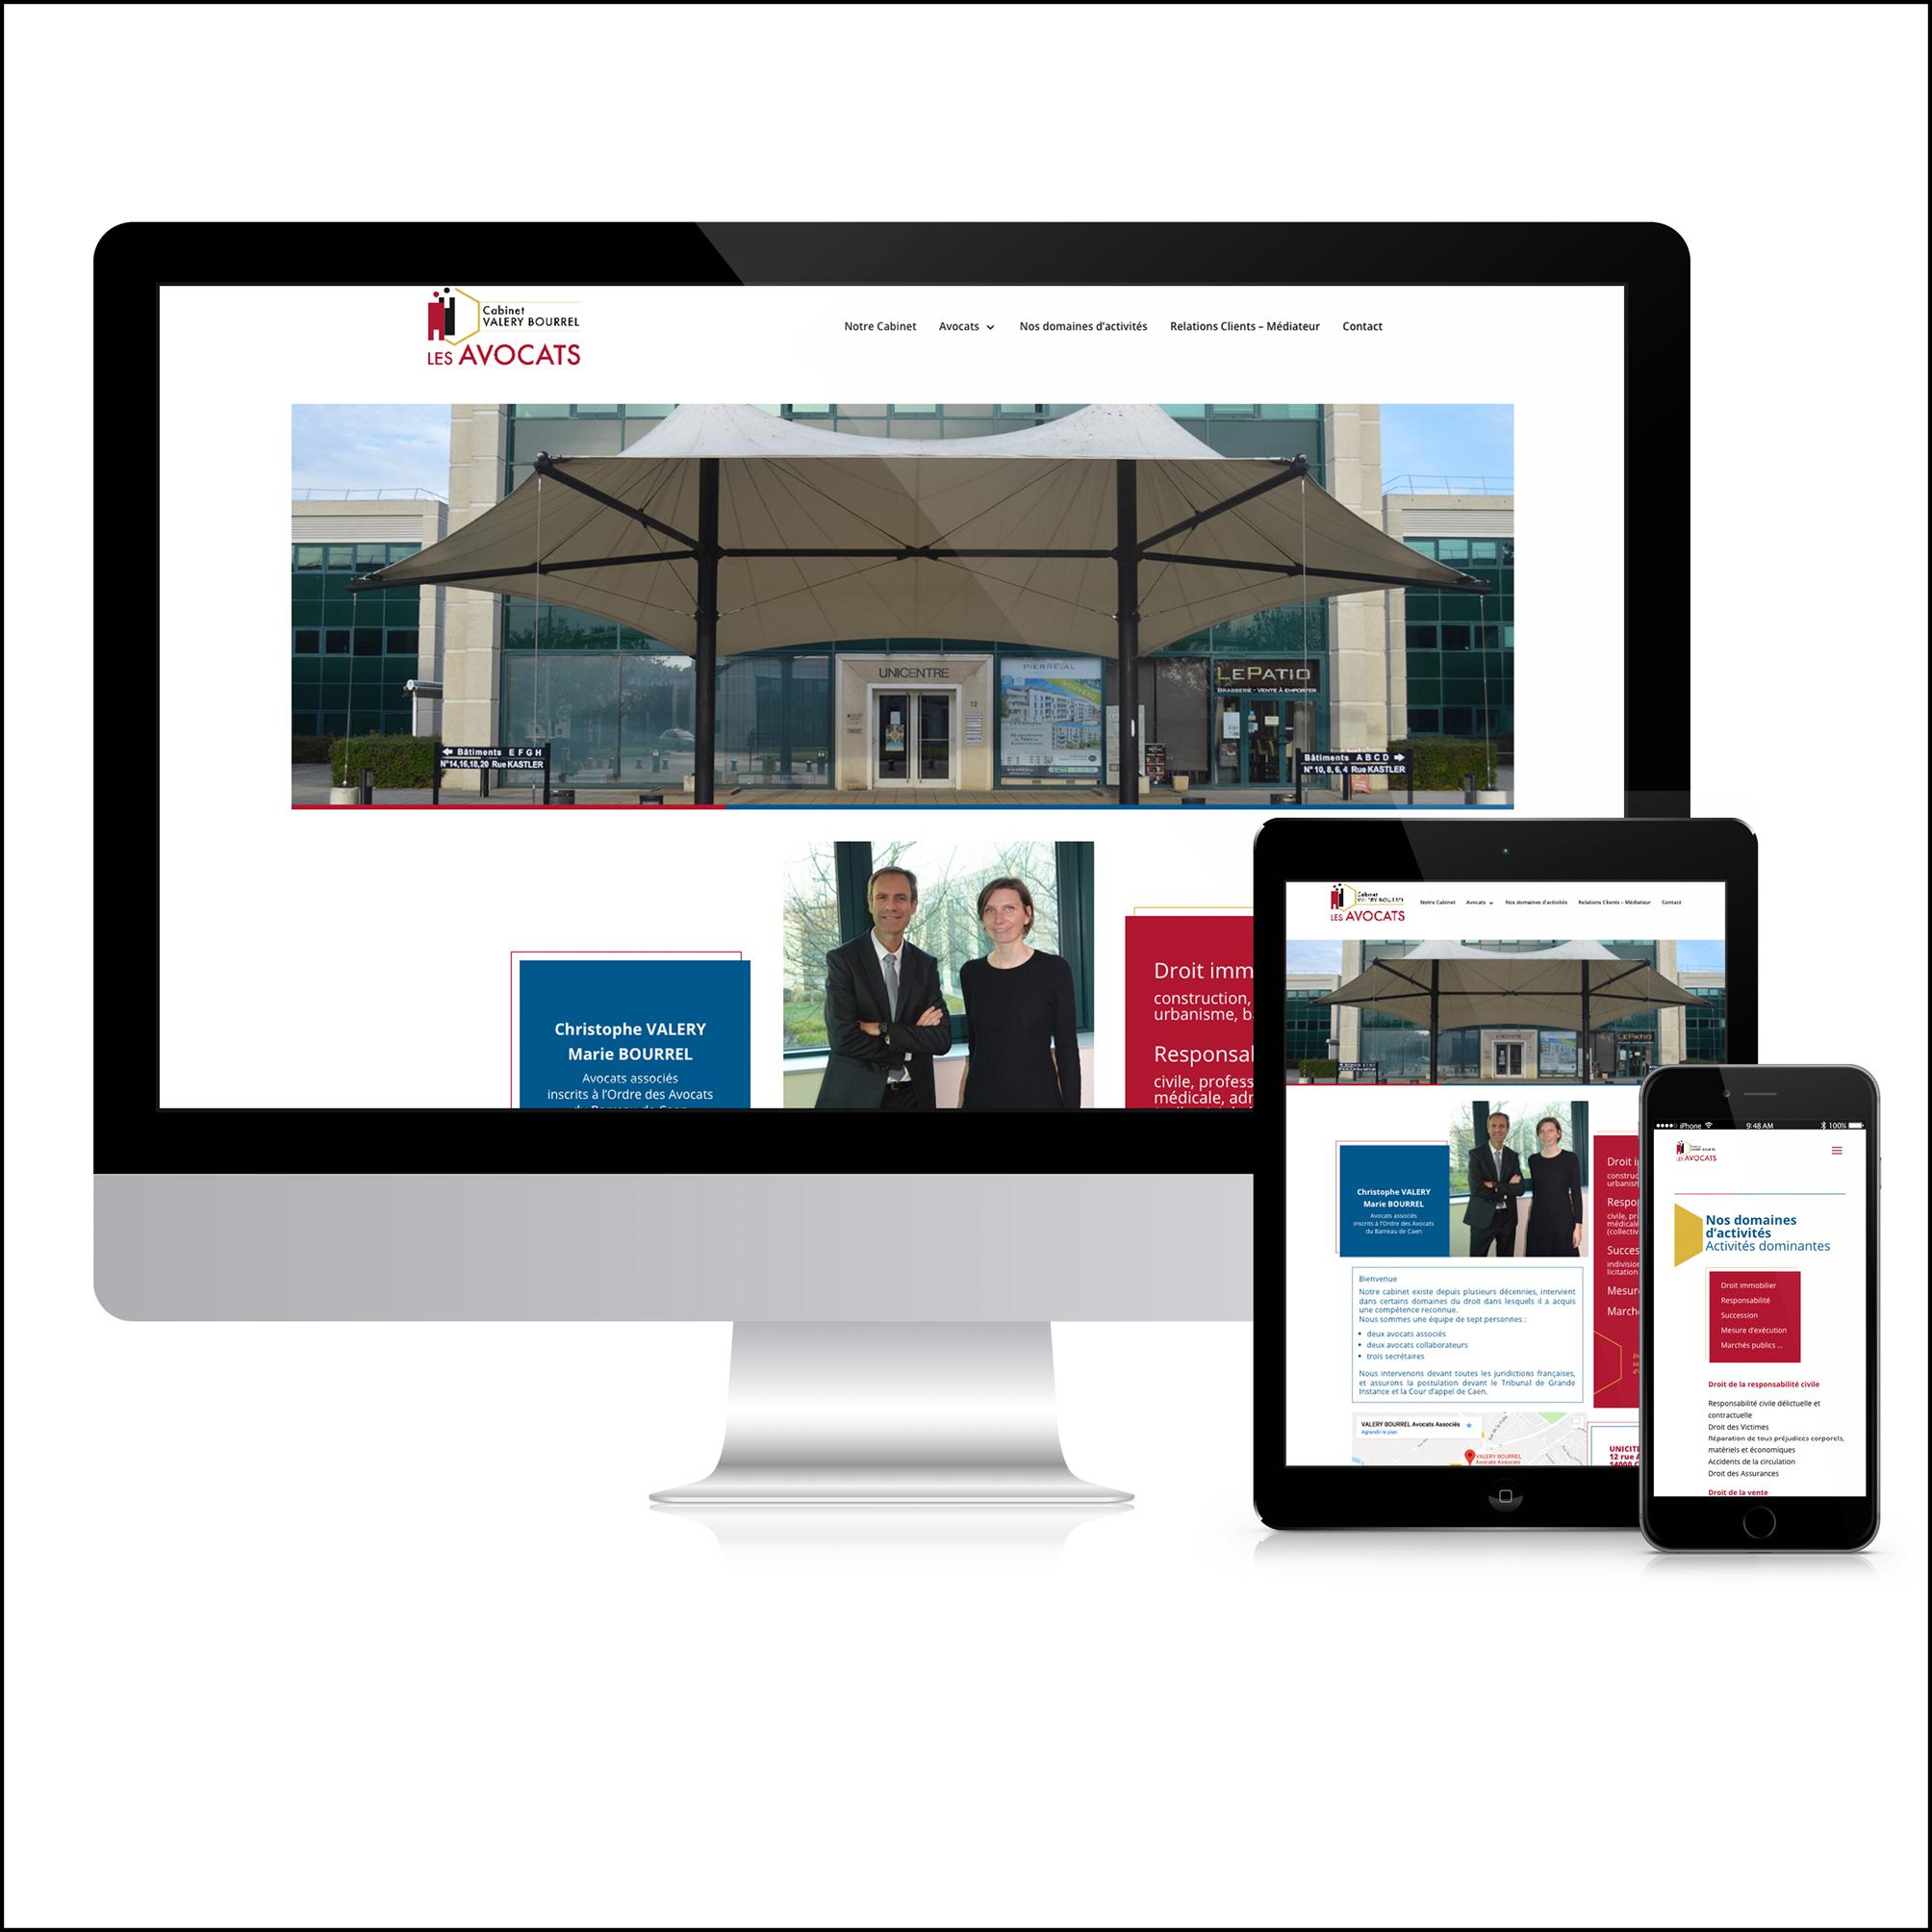 Cabinet Valery - Bourrel - Site Web